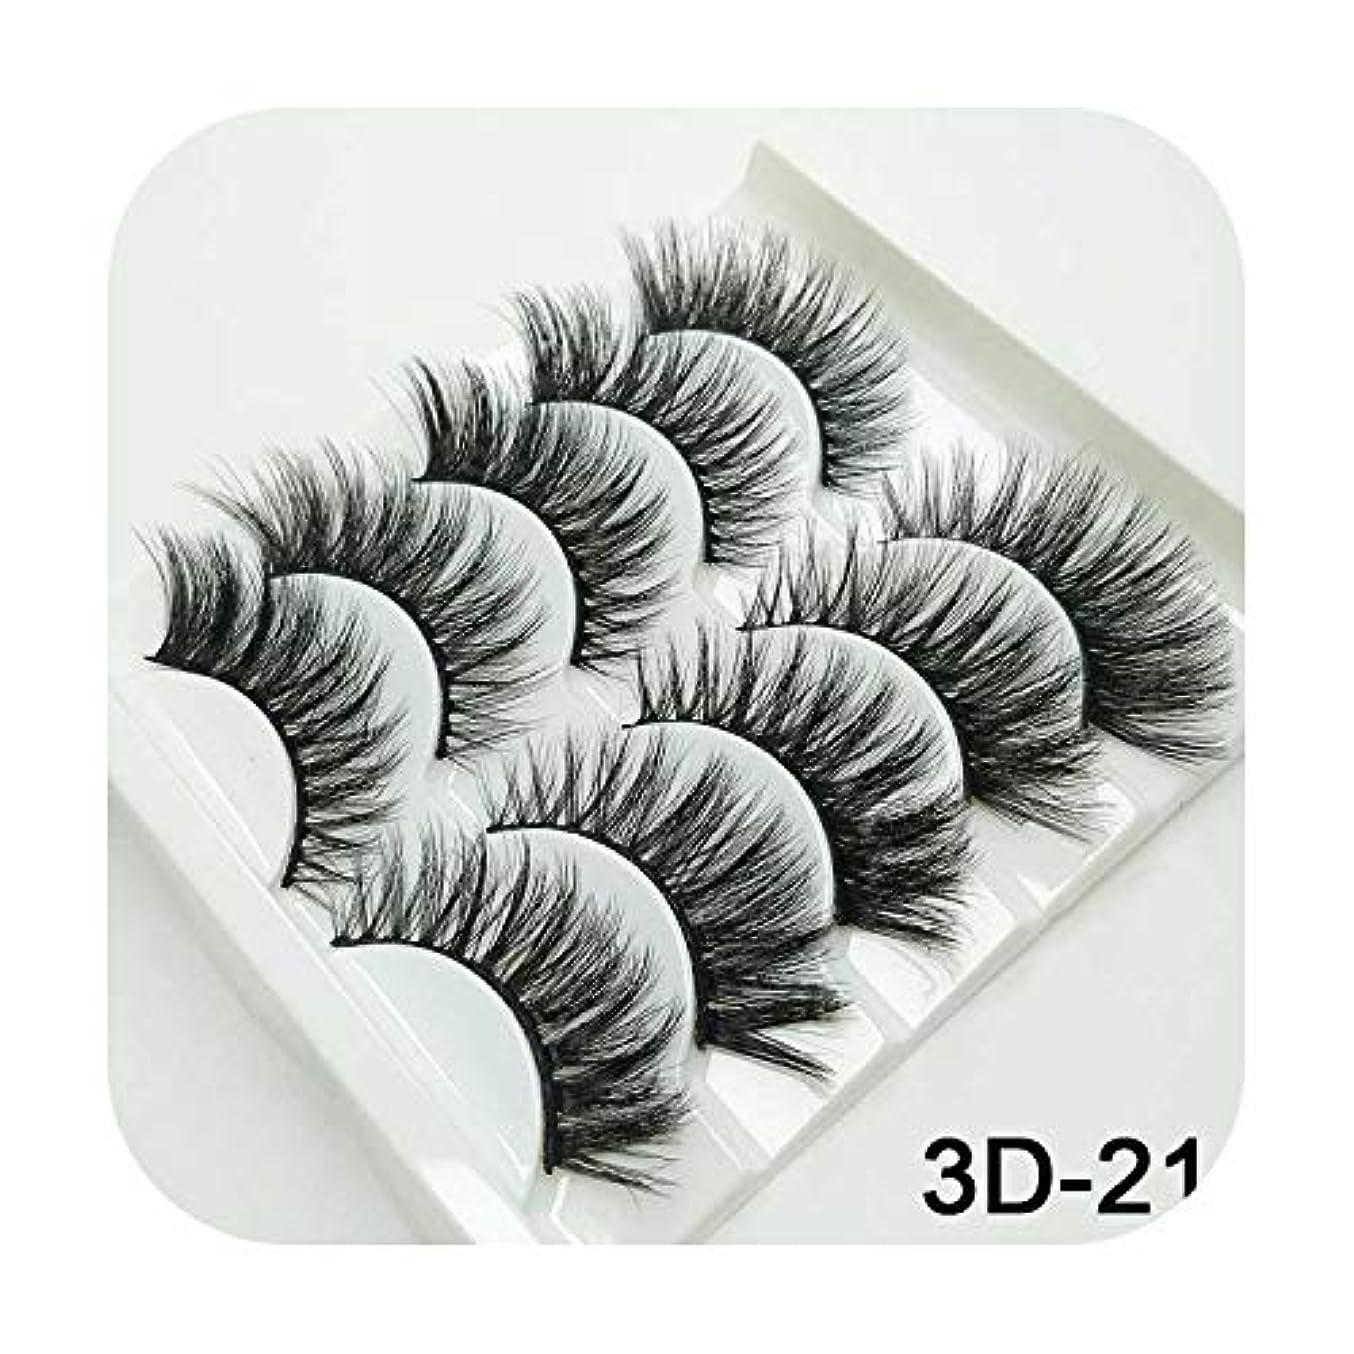 今晩スペインお勧め3Dミンクまつげナチュラルつけまつげロングまつげエクステンション5ペアフェイクフェイクラッシュ,3D-21